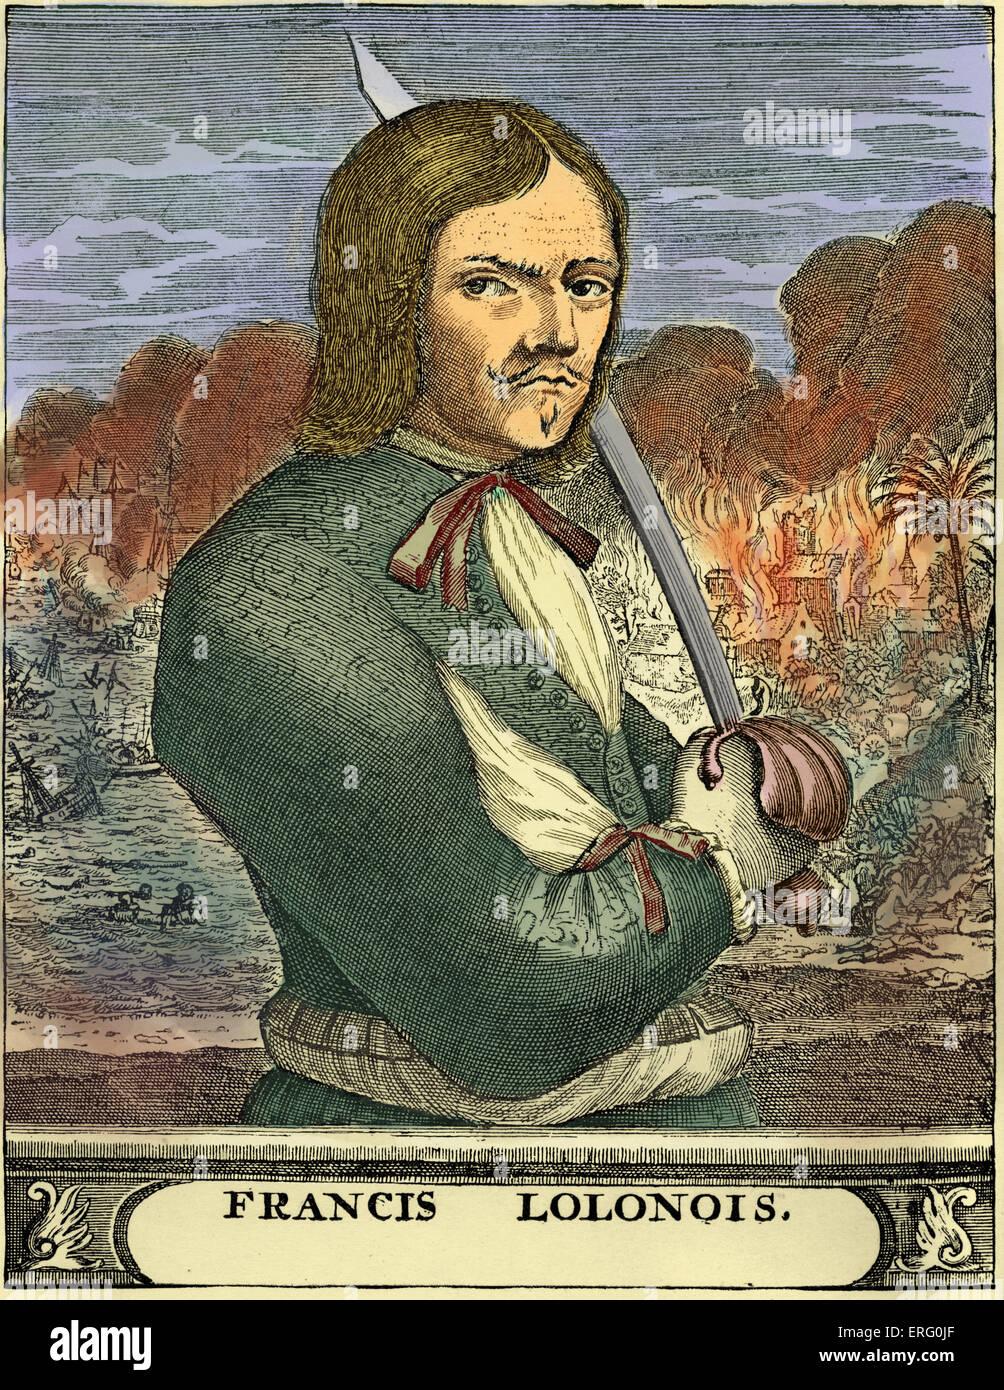 Francis Lolonois, engraving, (Jean-David Nau, François L'Olonnais, L'Olonnois, Lolona). Portrait of the French buccaneer, Stock Photo